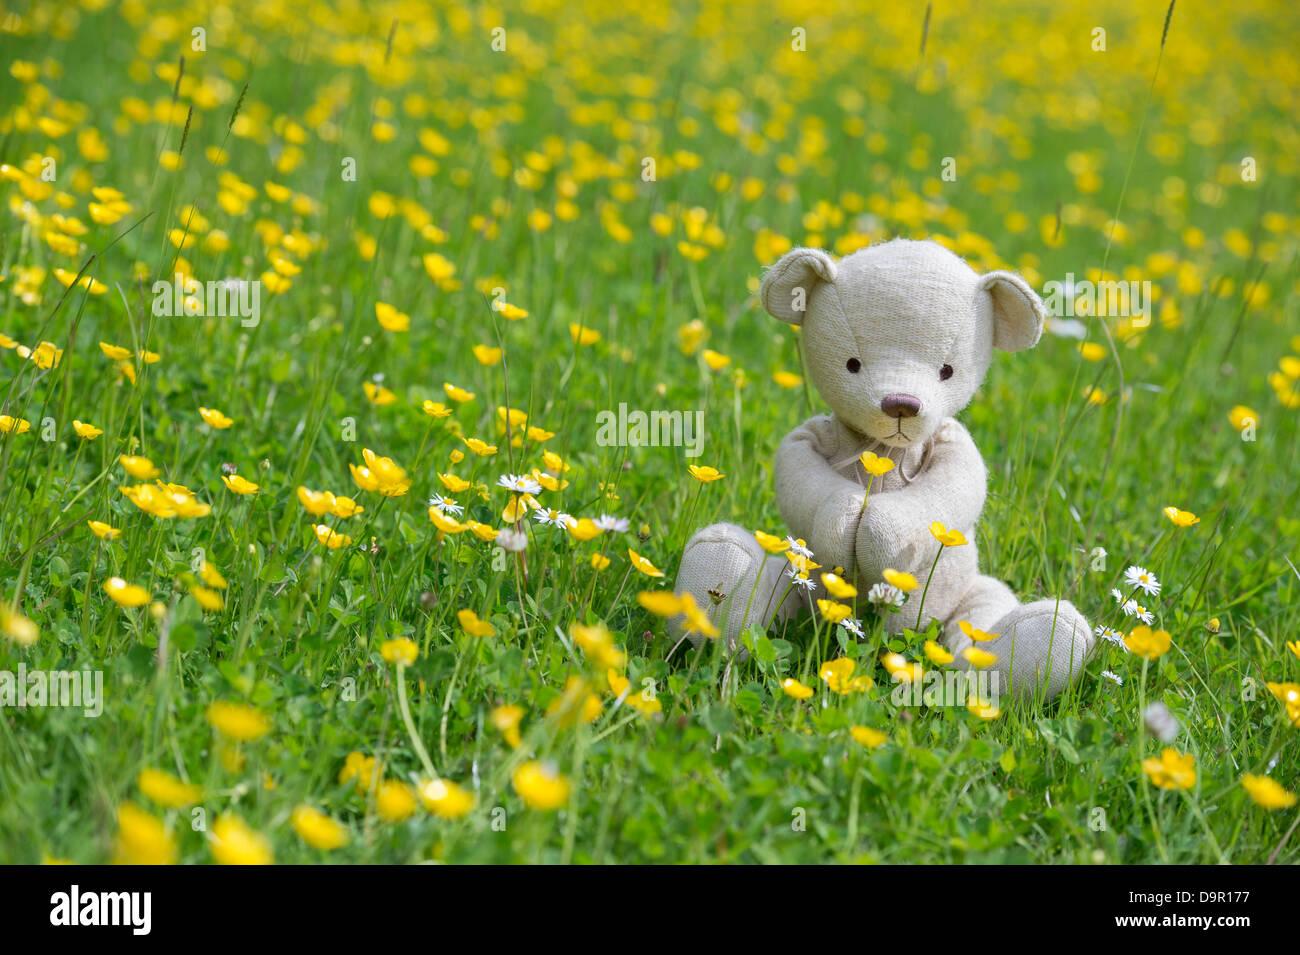 Ours en peluche tenant un bouton d'or dans une prairie Photo Stock